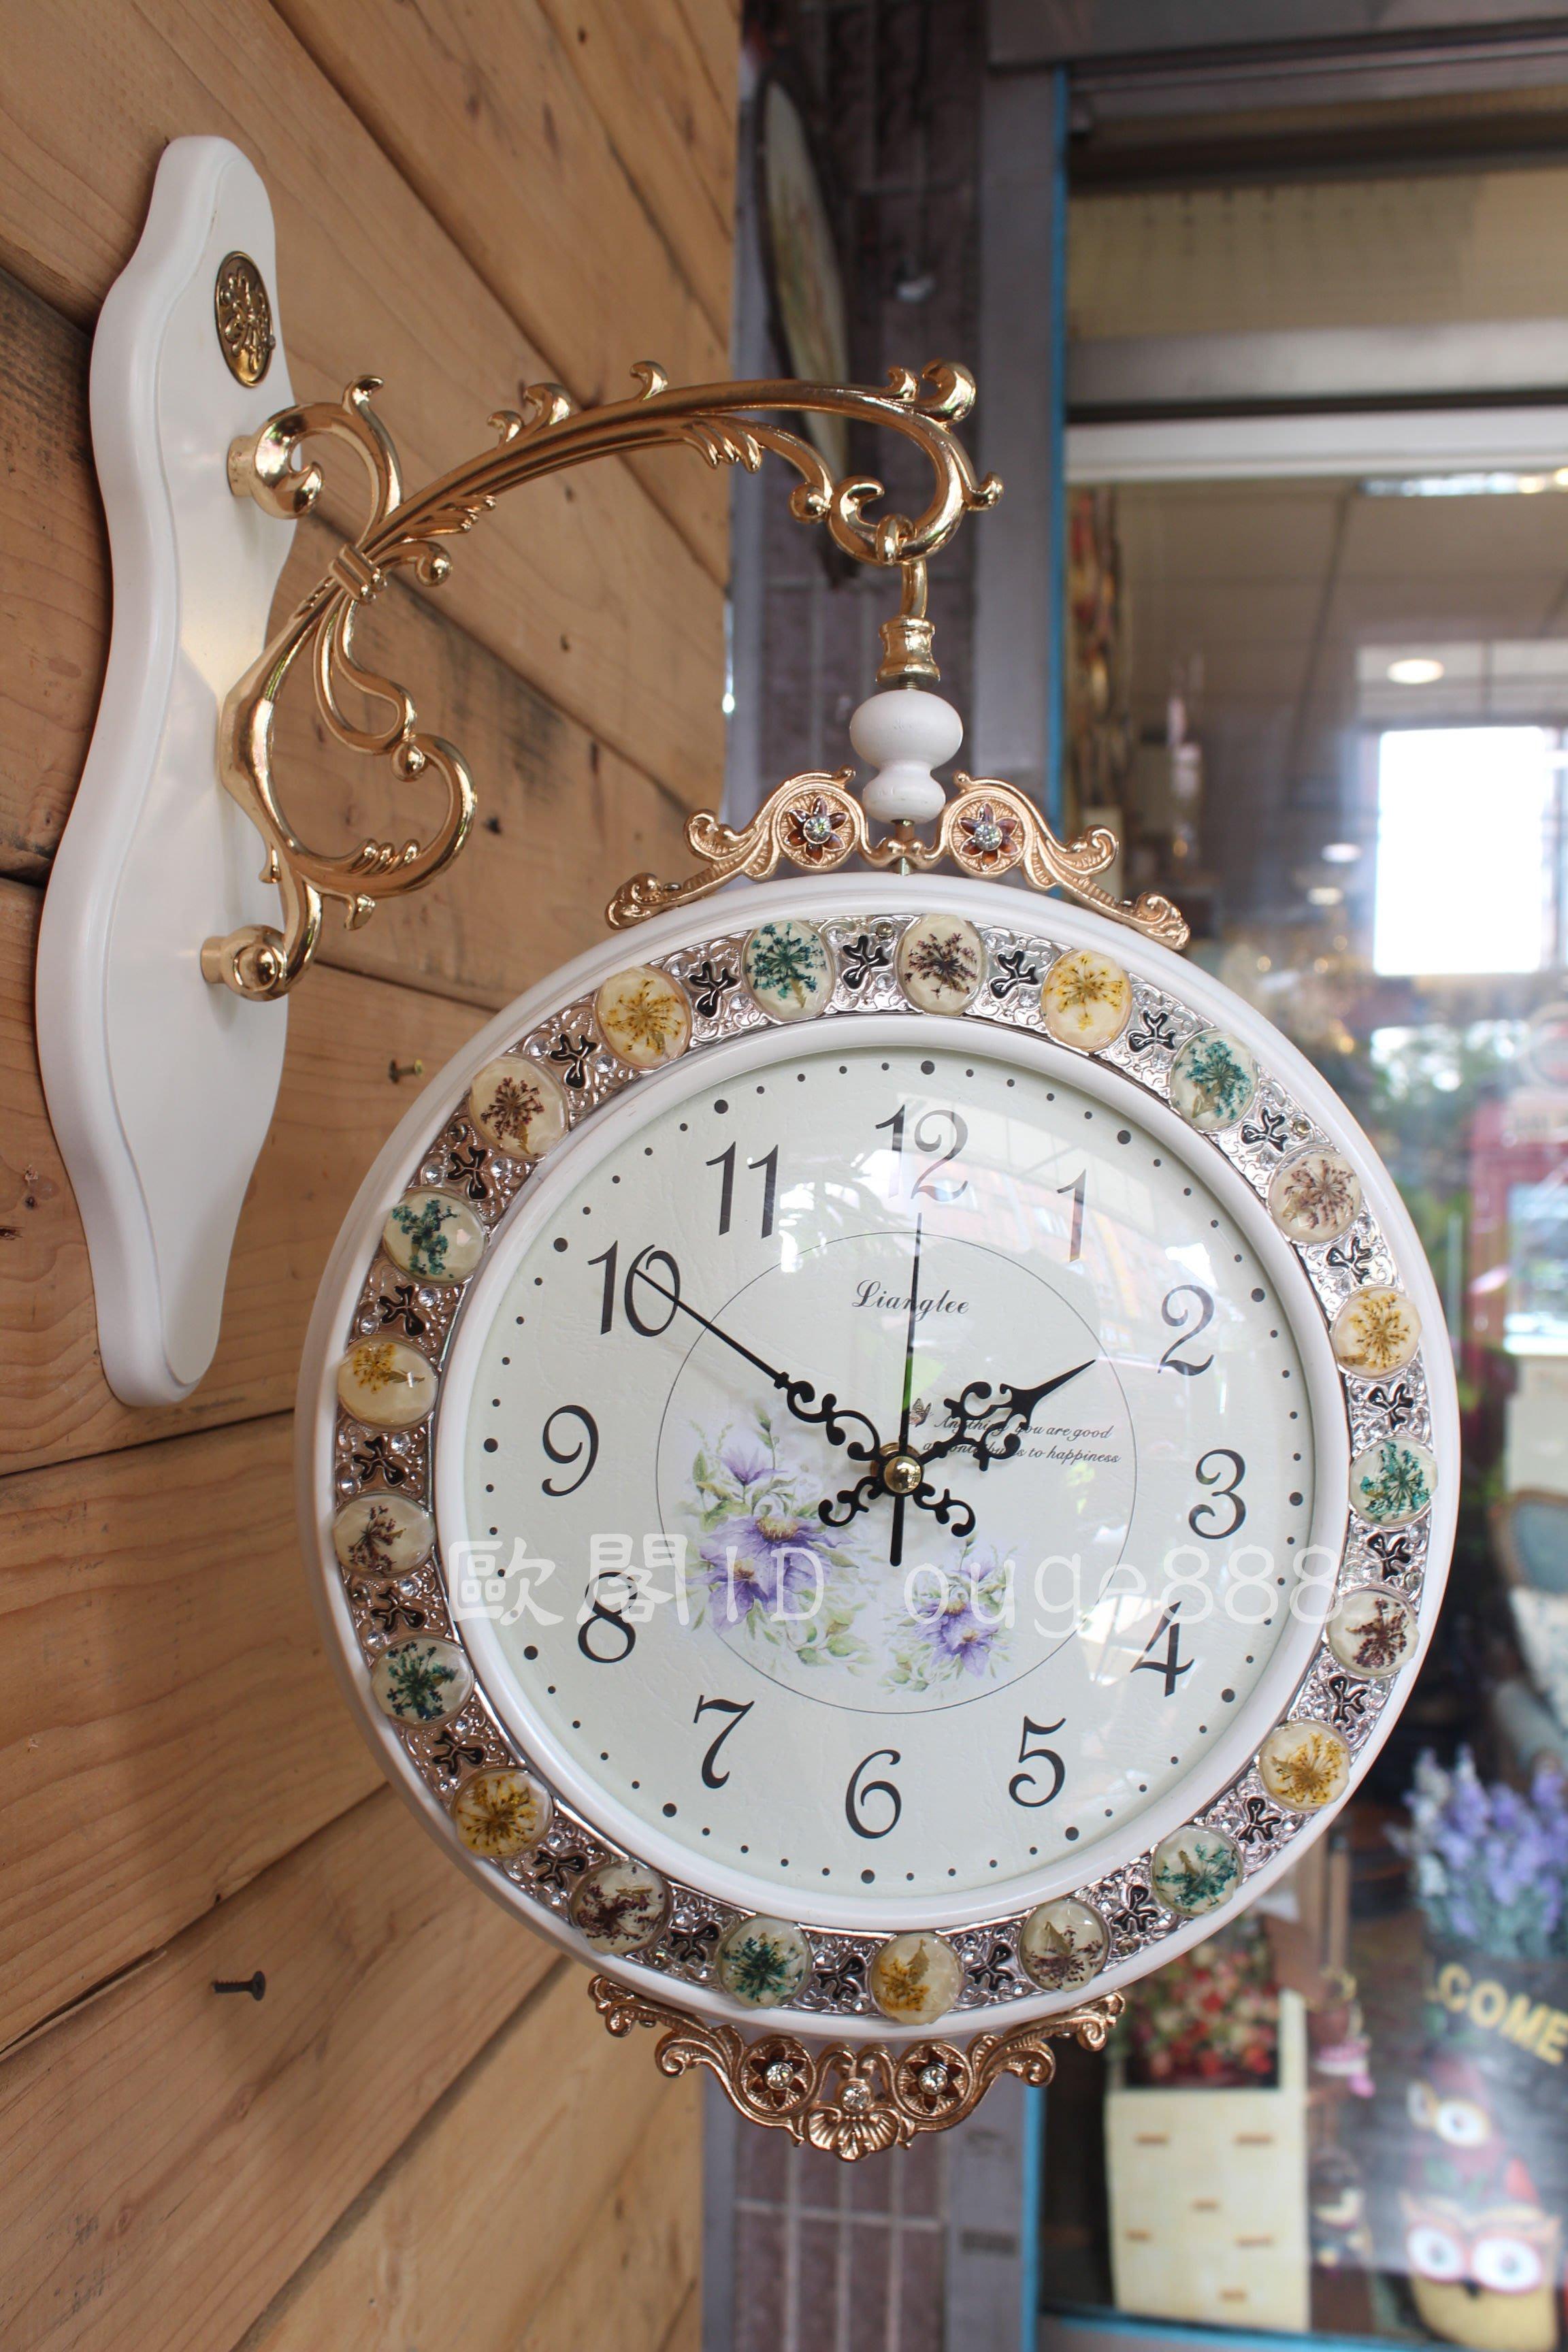 *歐閣鄉村傢俱傢飾*鄉村風掛鐘.歐式時鐘.古典雙面鐘.復古時鐘.歐式華麗雙面鐘.靜音時鐘.造型鐘.數字鐘.白色